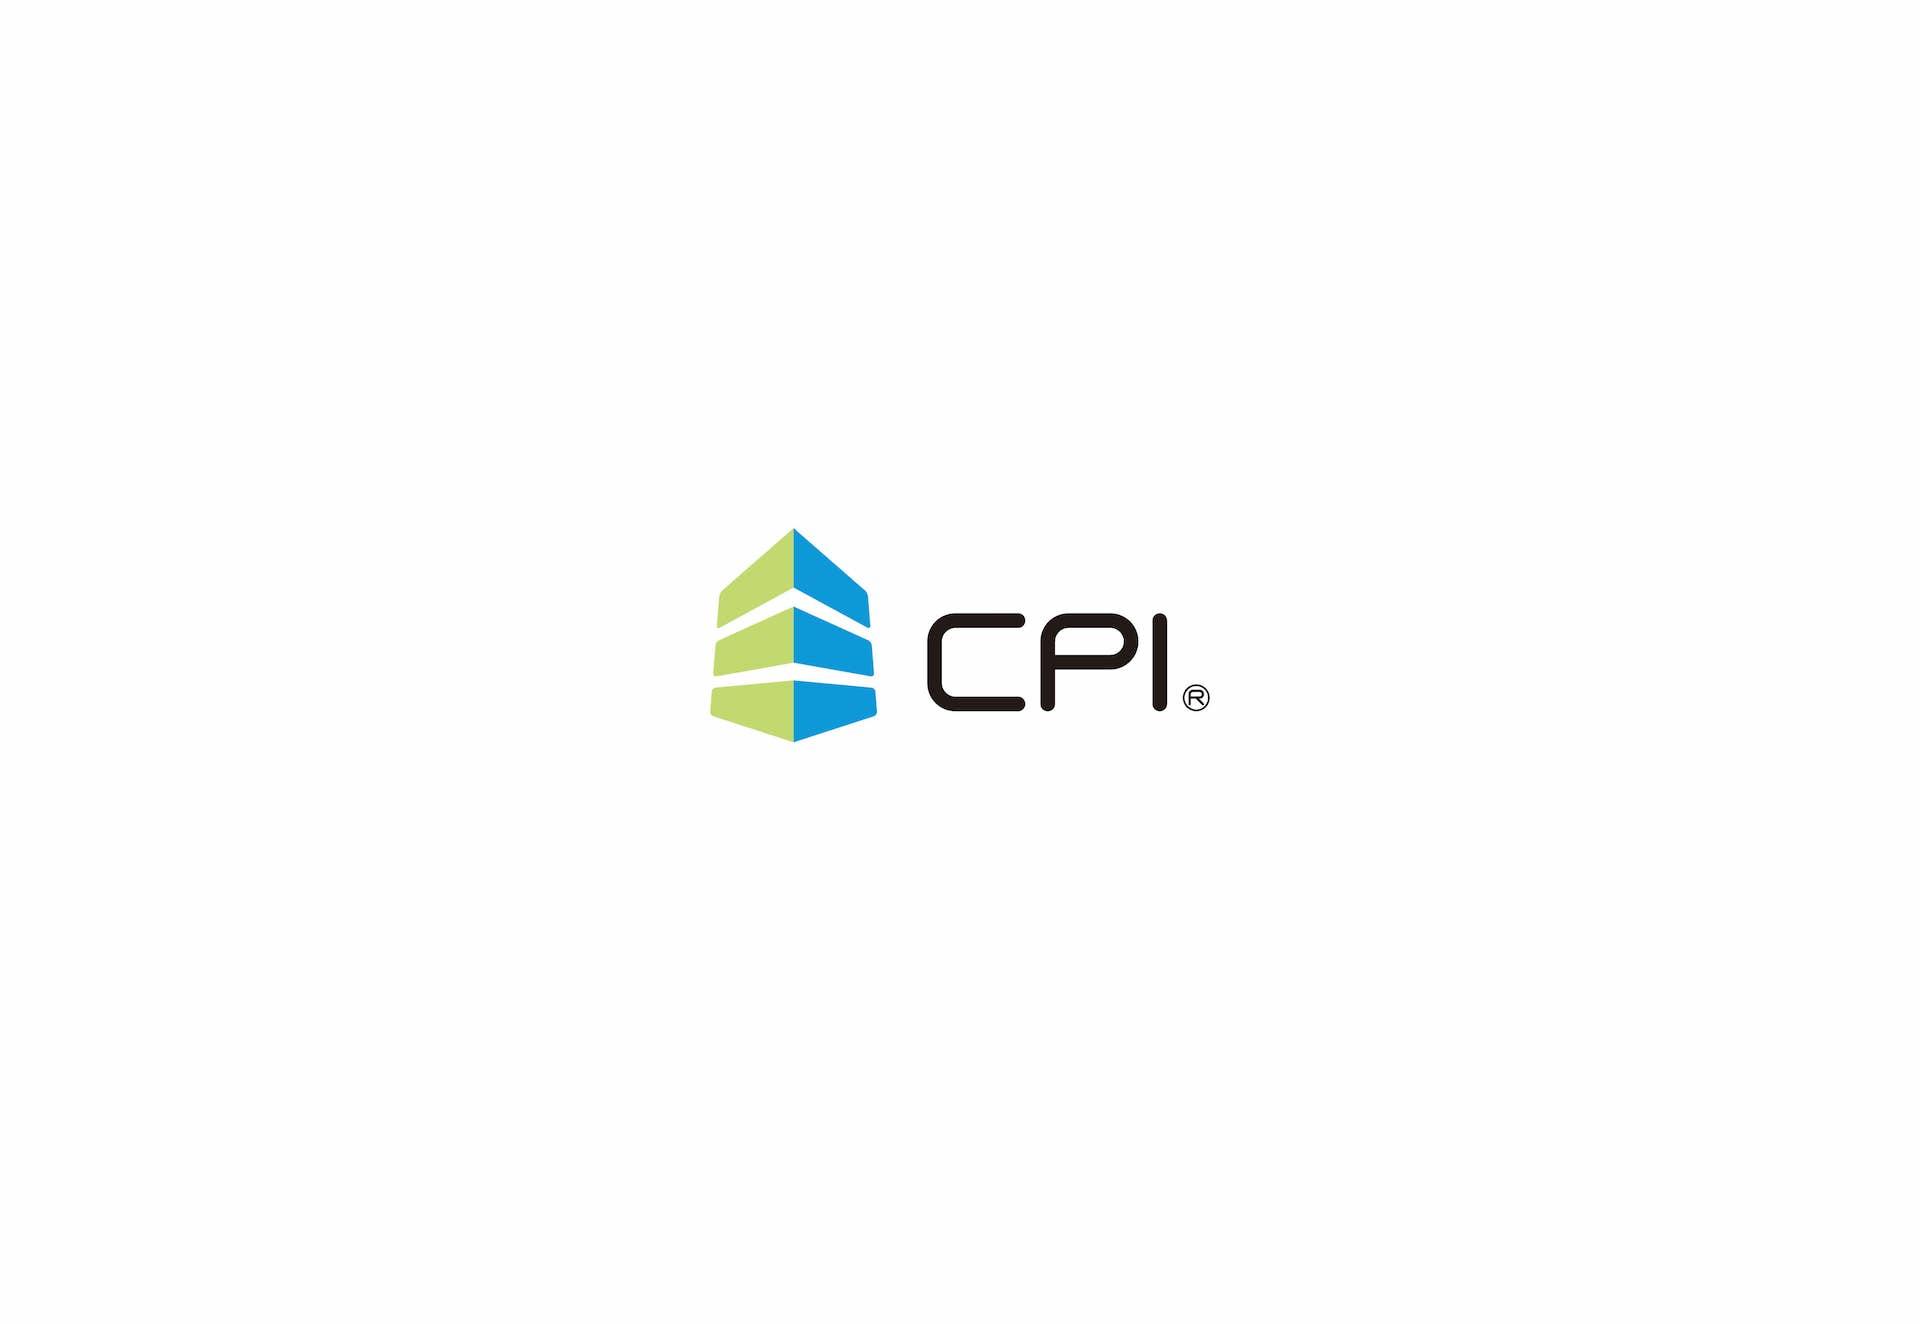 CPIにEC-CUBEをインストールする際の備忘録